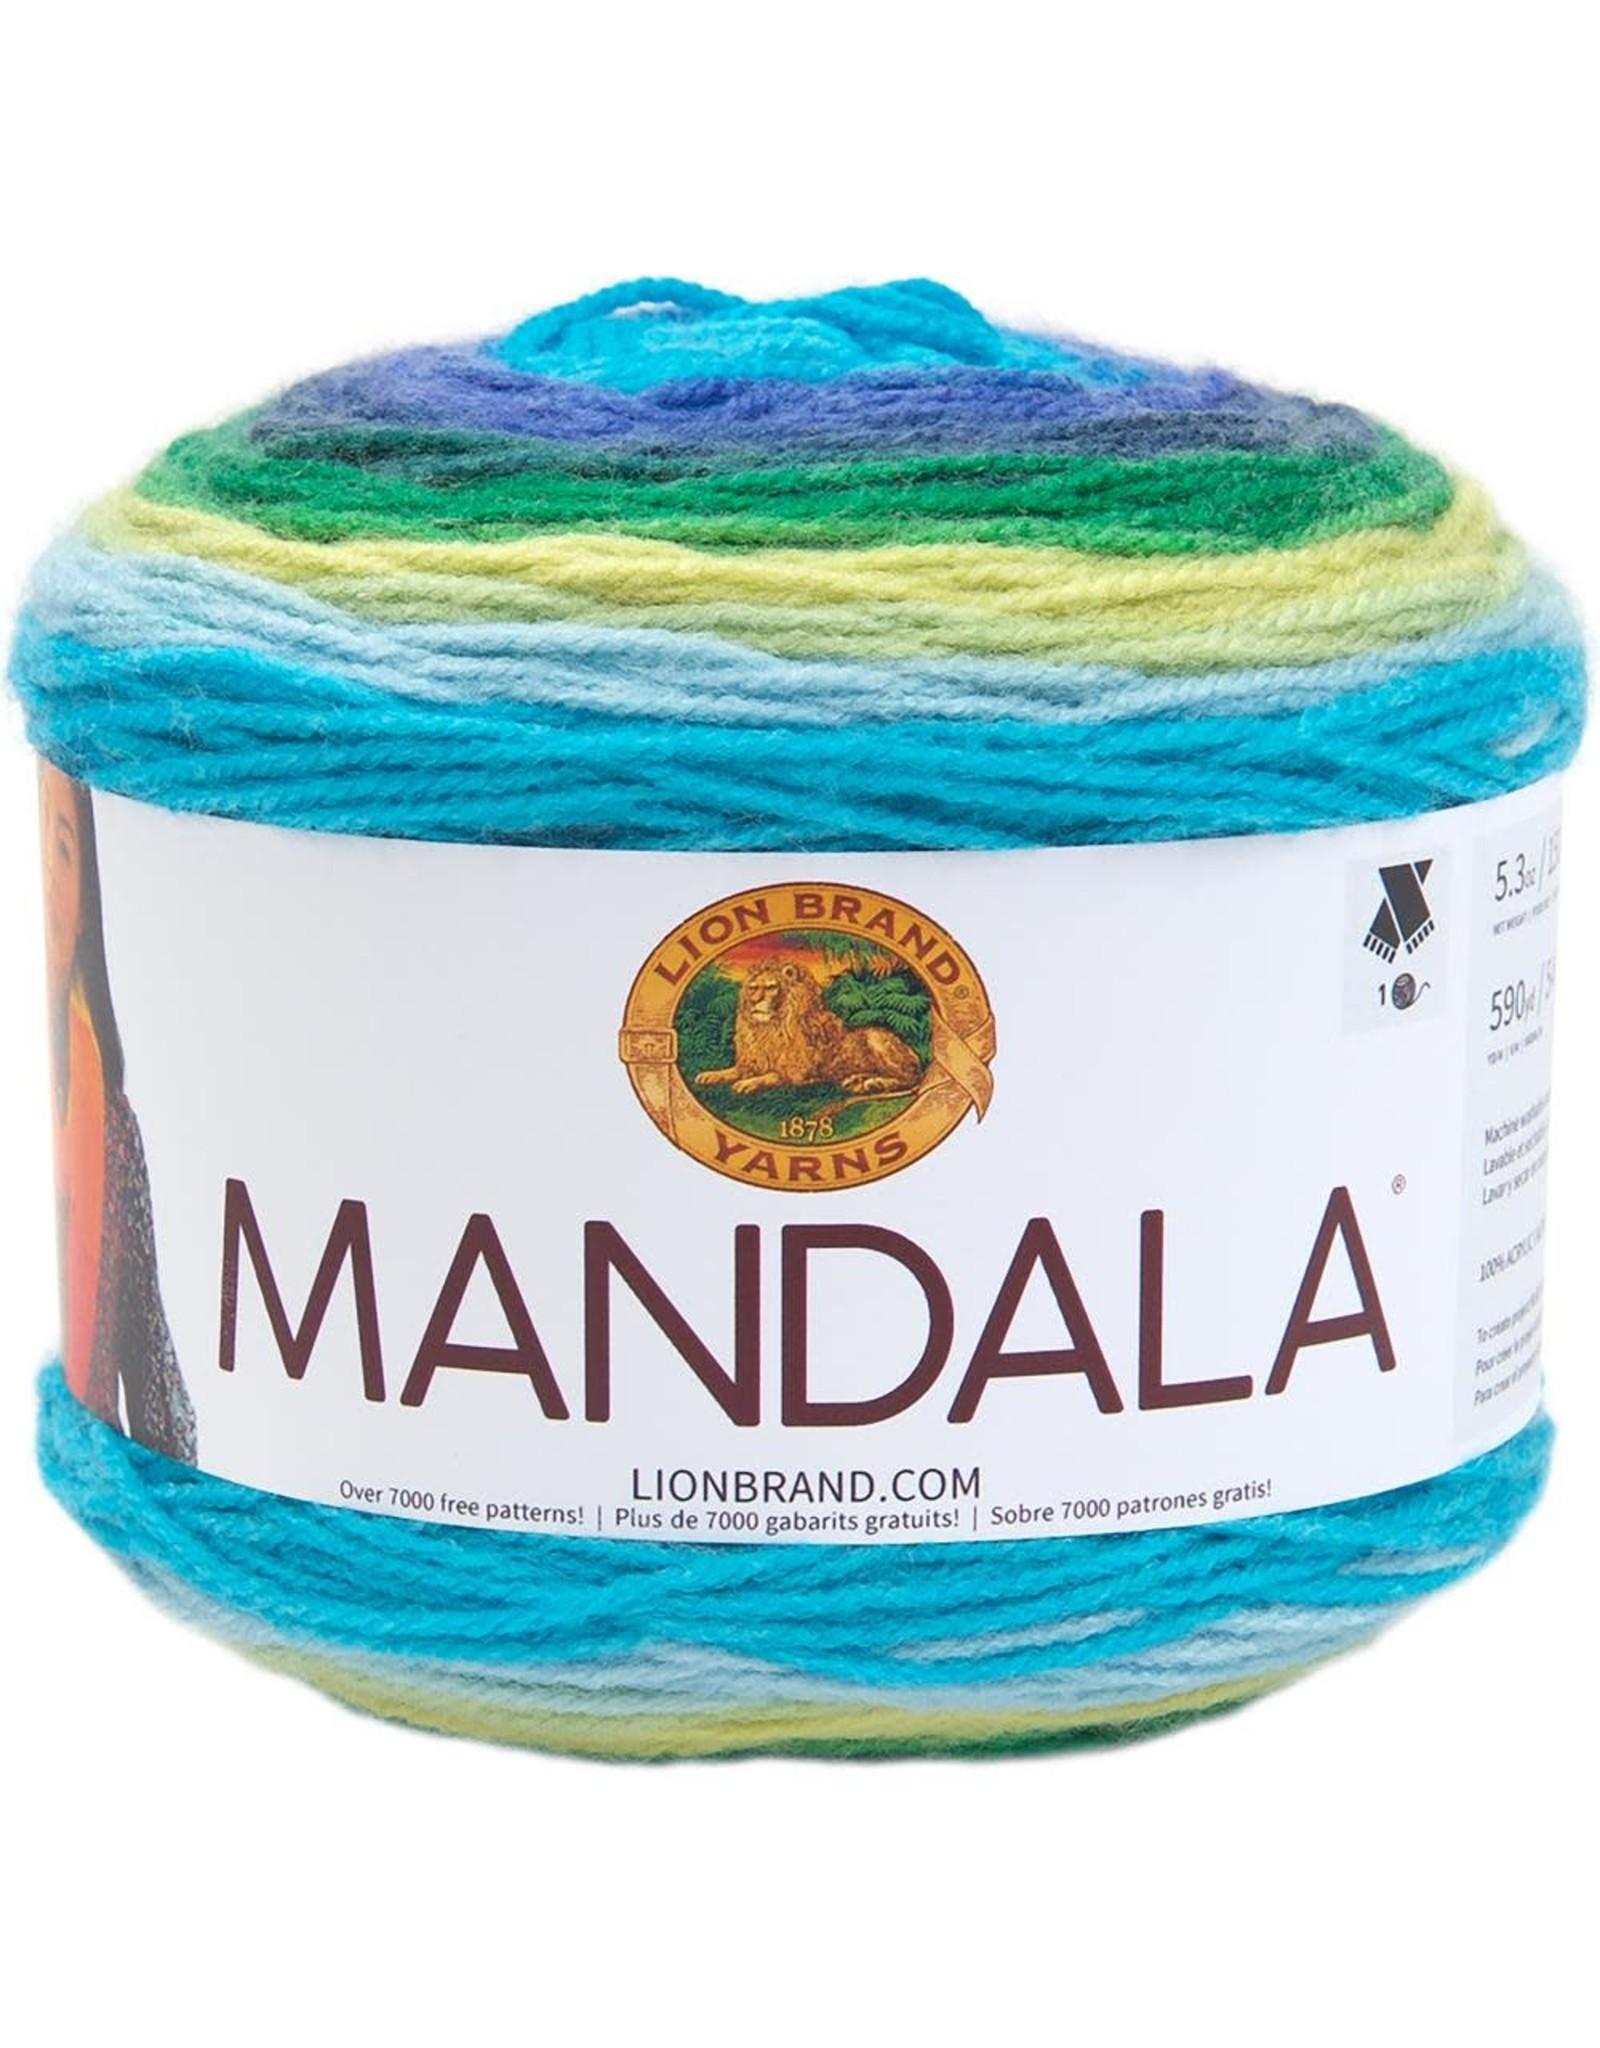 Kraken - Mandala - Lion Brand